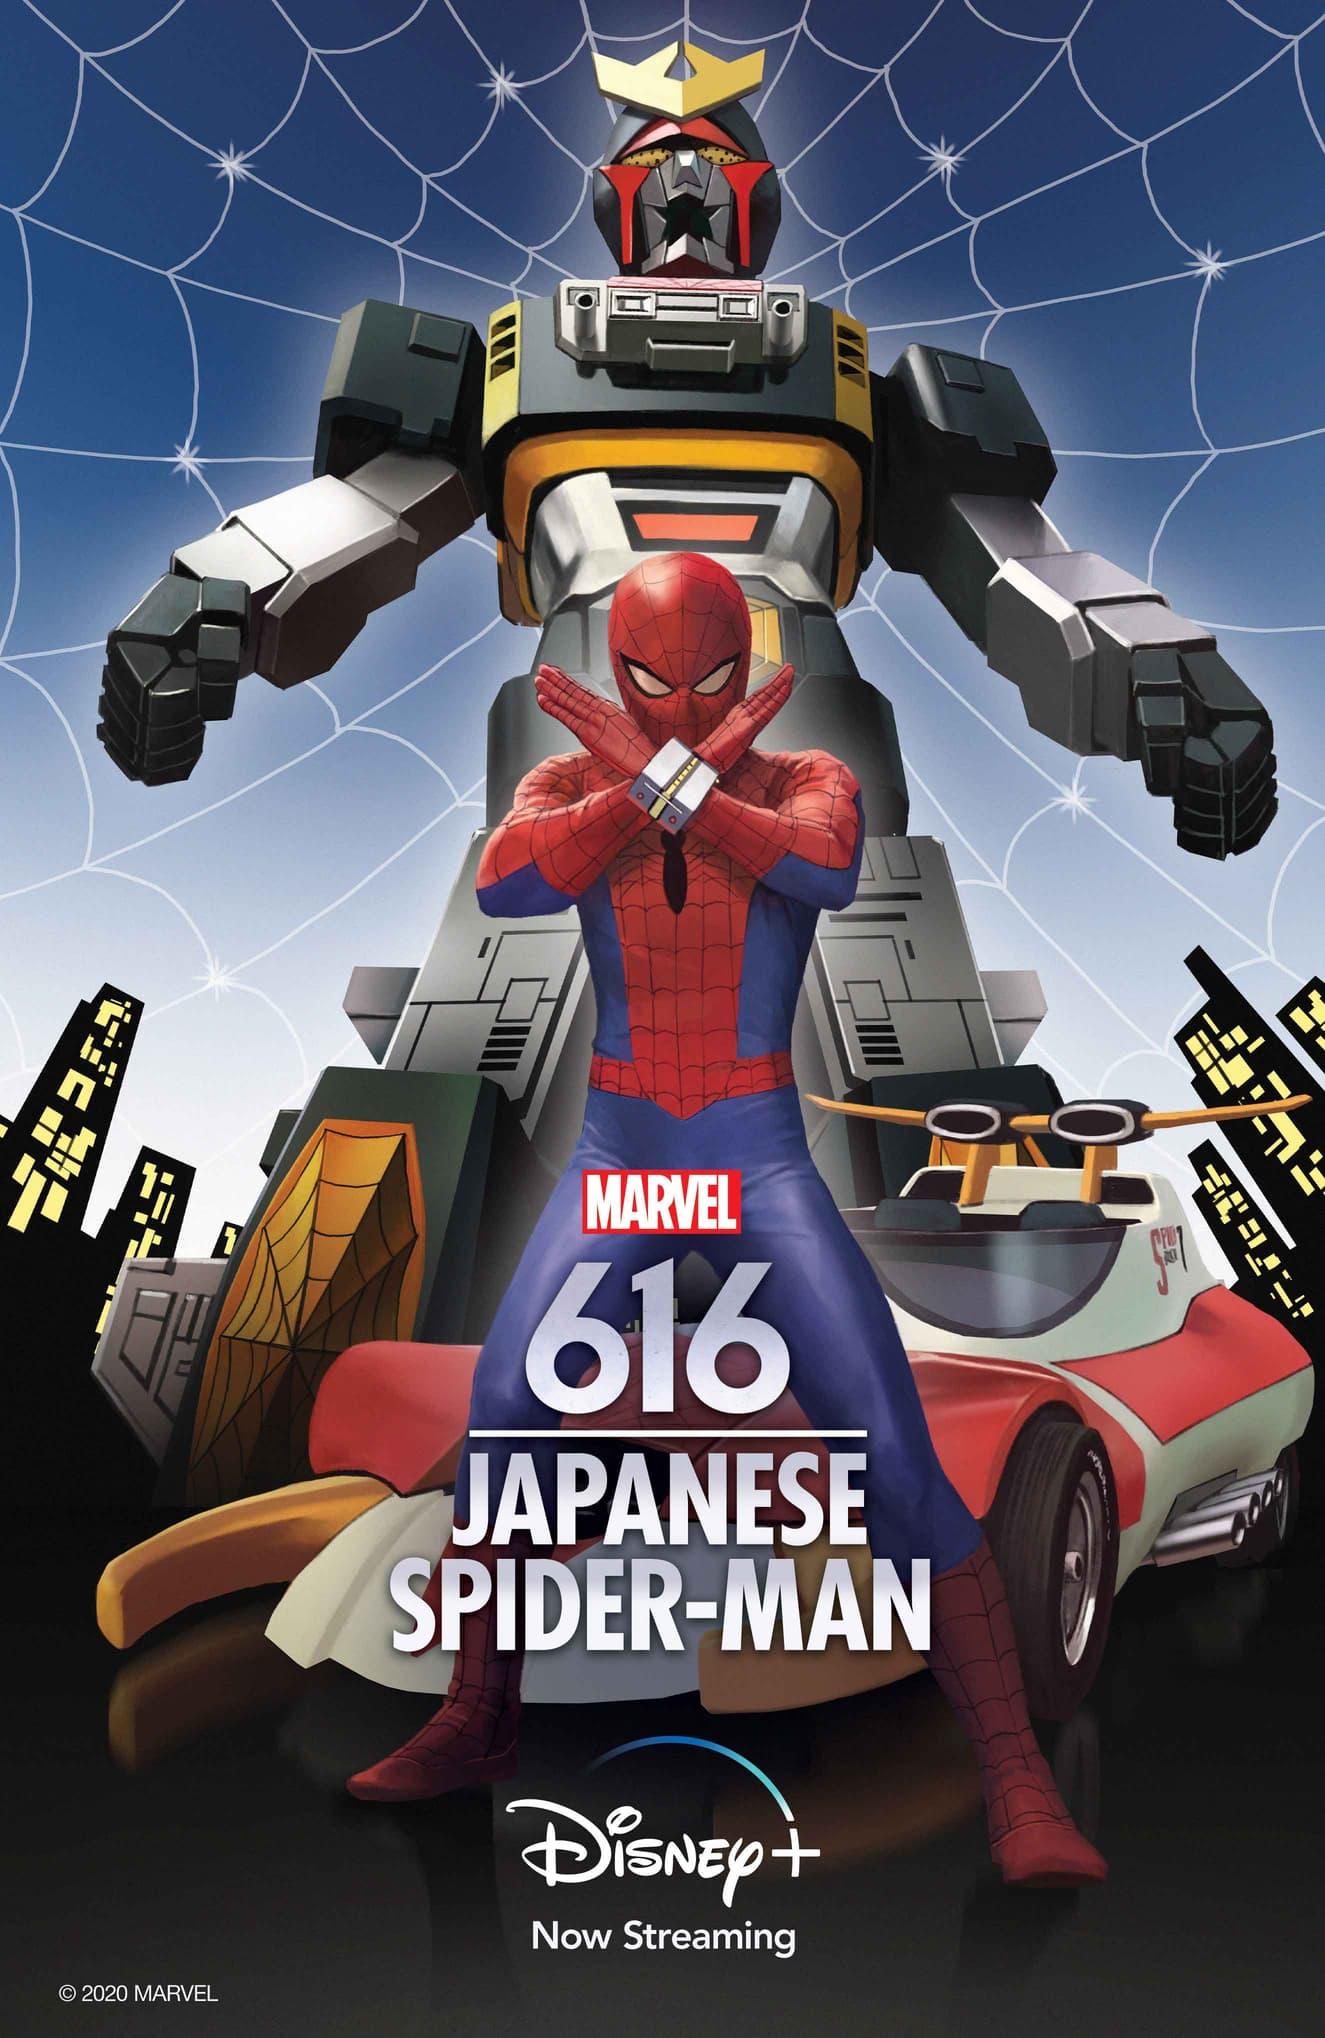 Marvel's 616 Japanese Spider-Man